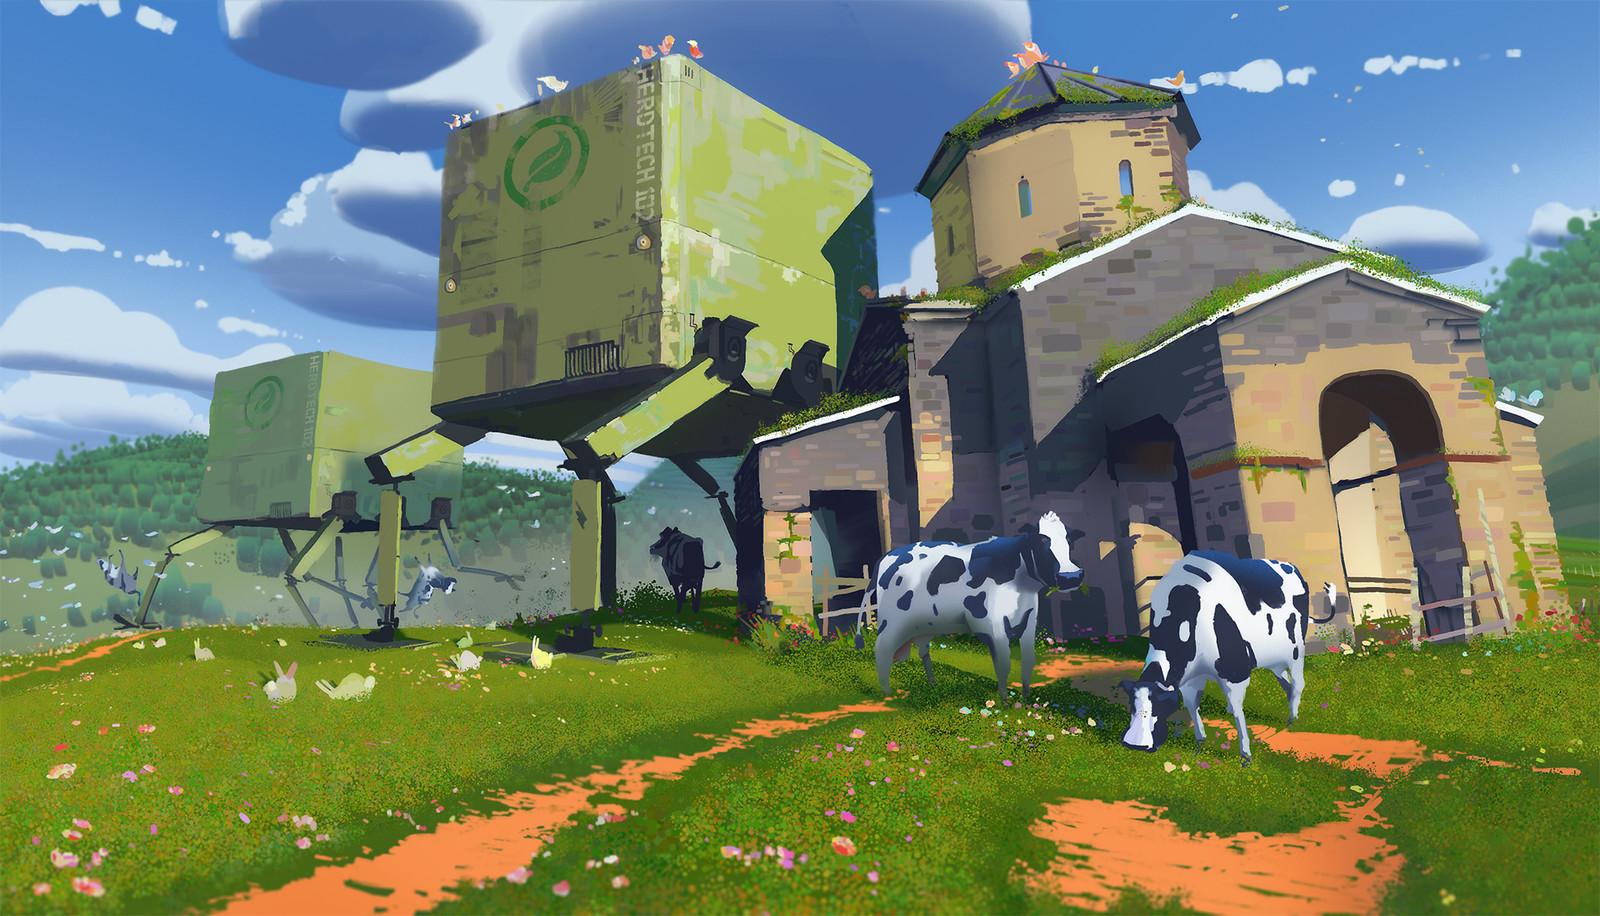 HerdTech